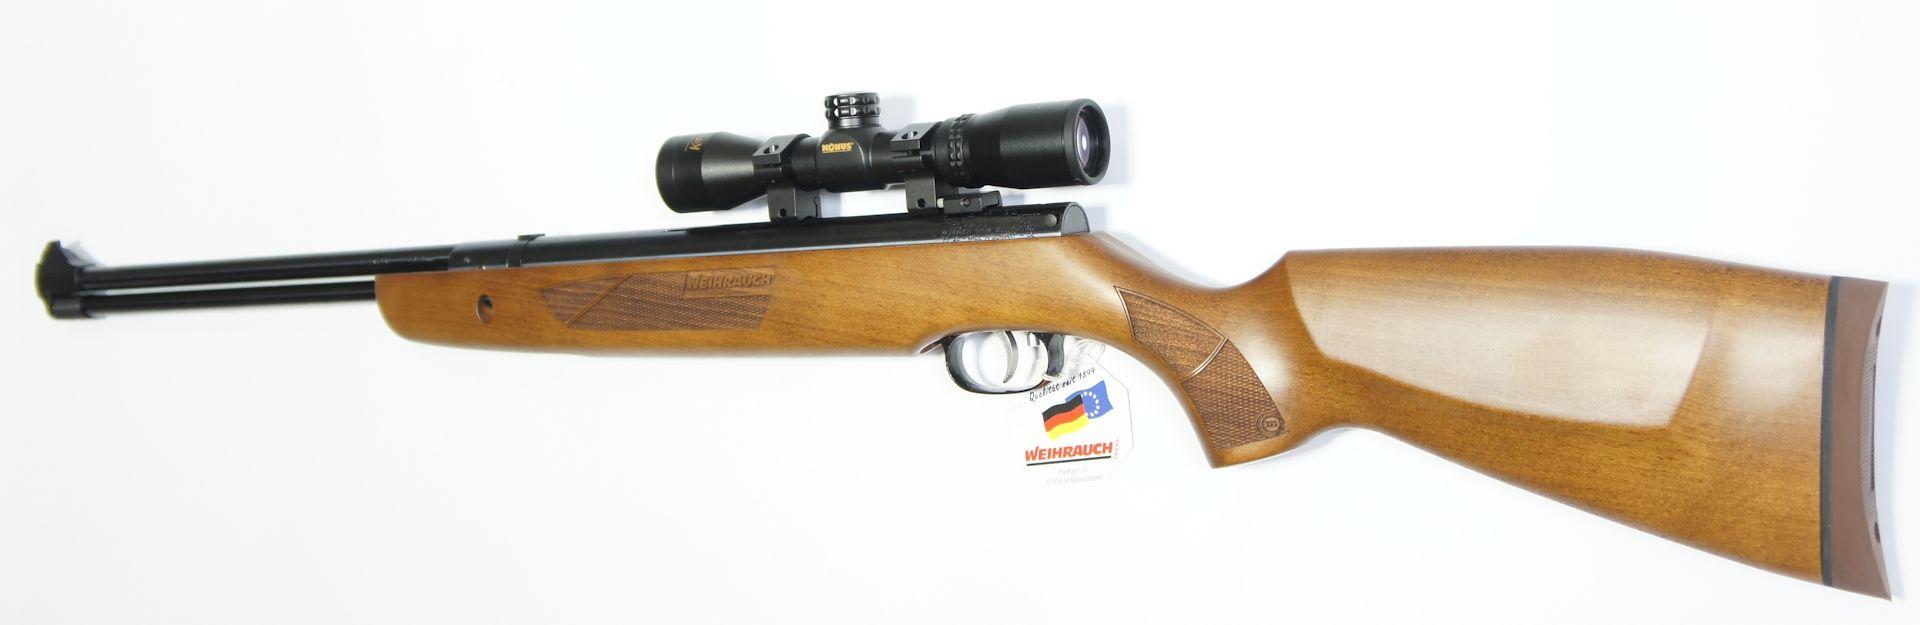 Bild ähnlich / Luftgewehr Weihrauch HW 57 mit Zielfernrohr